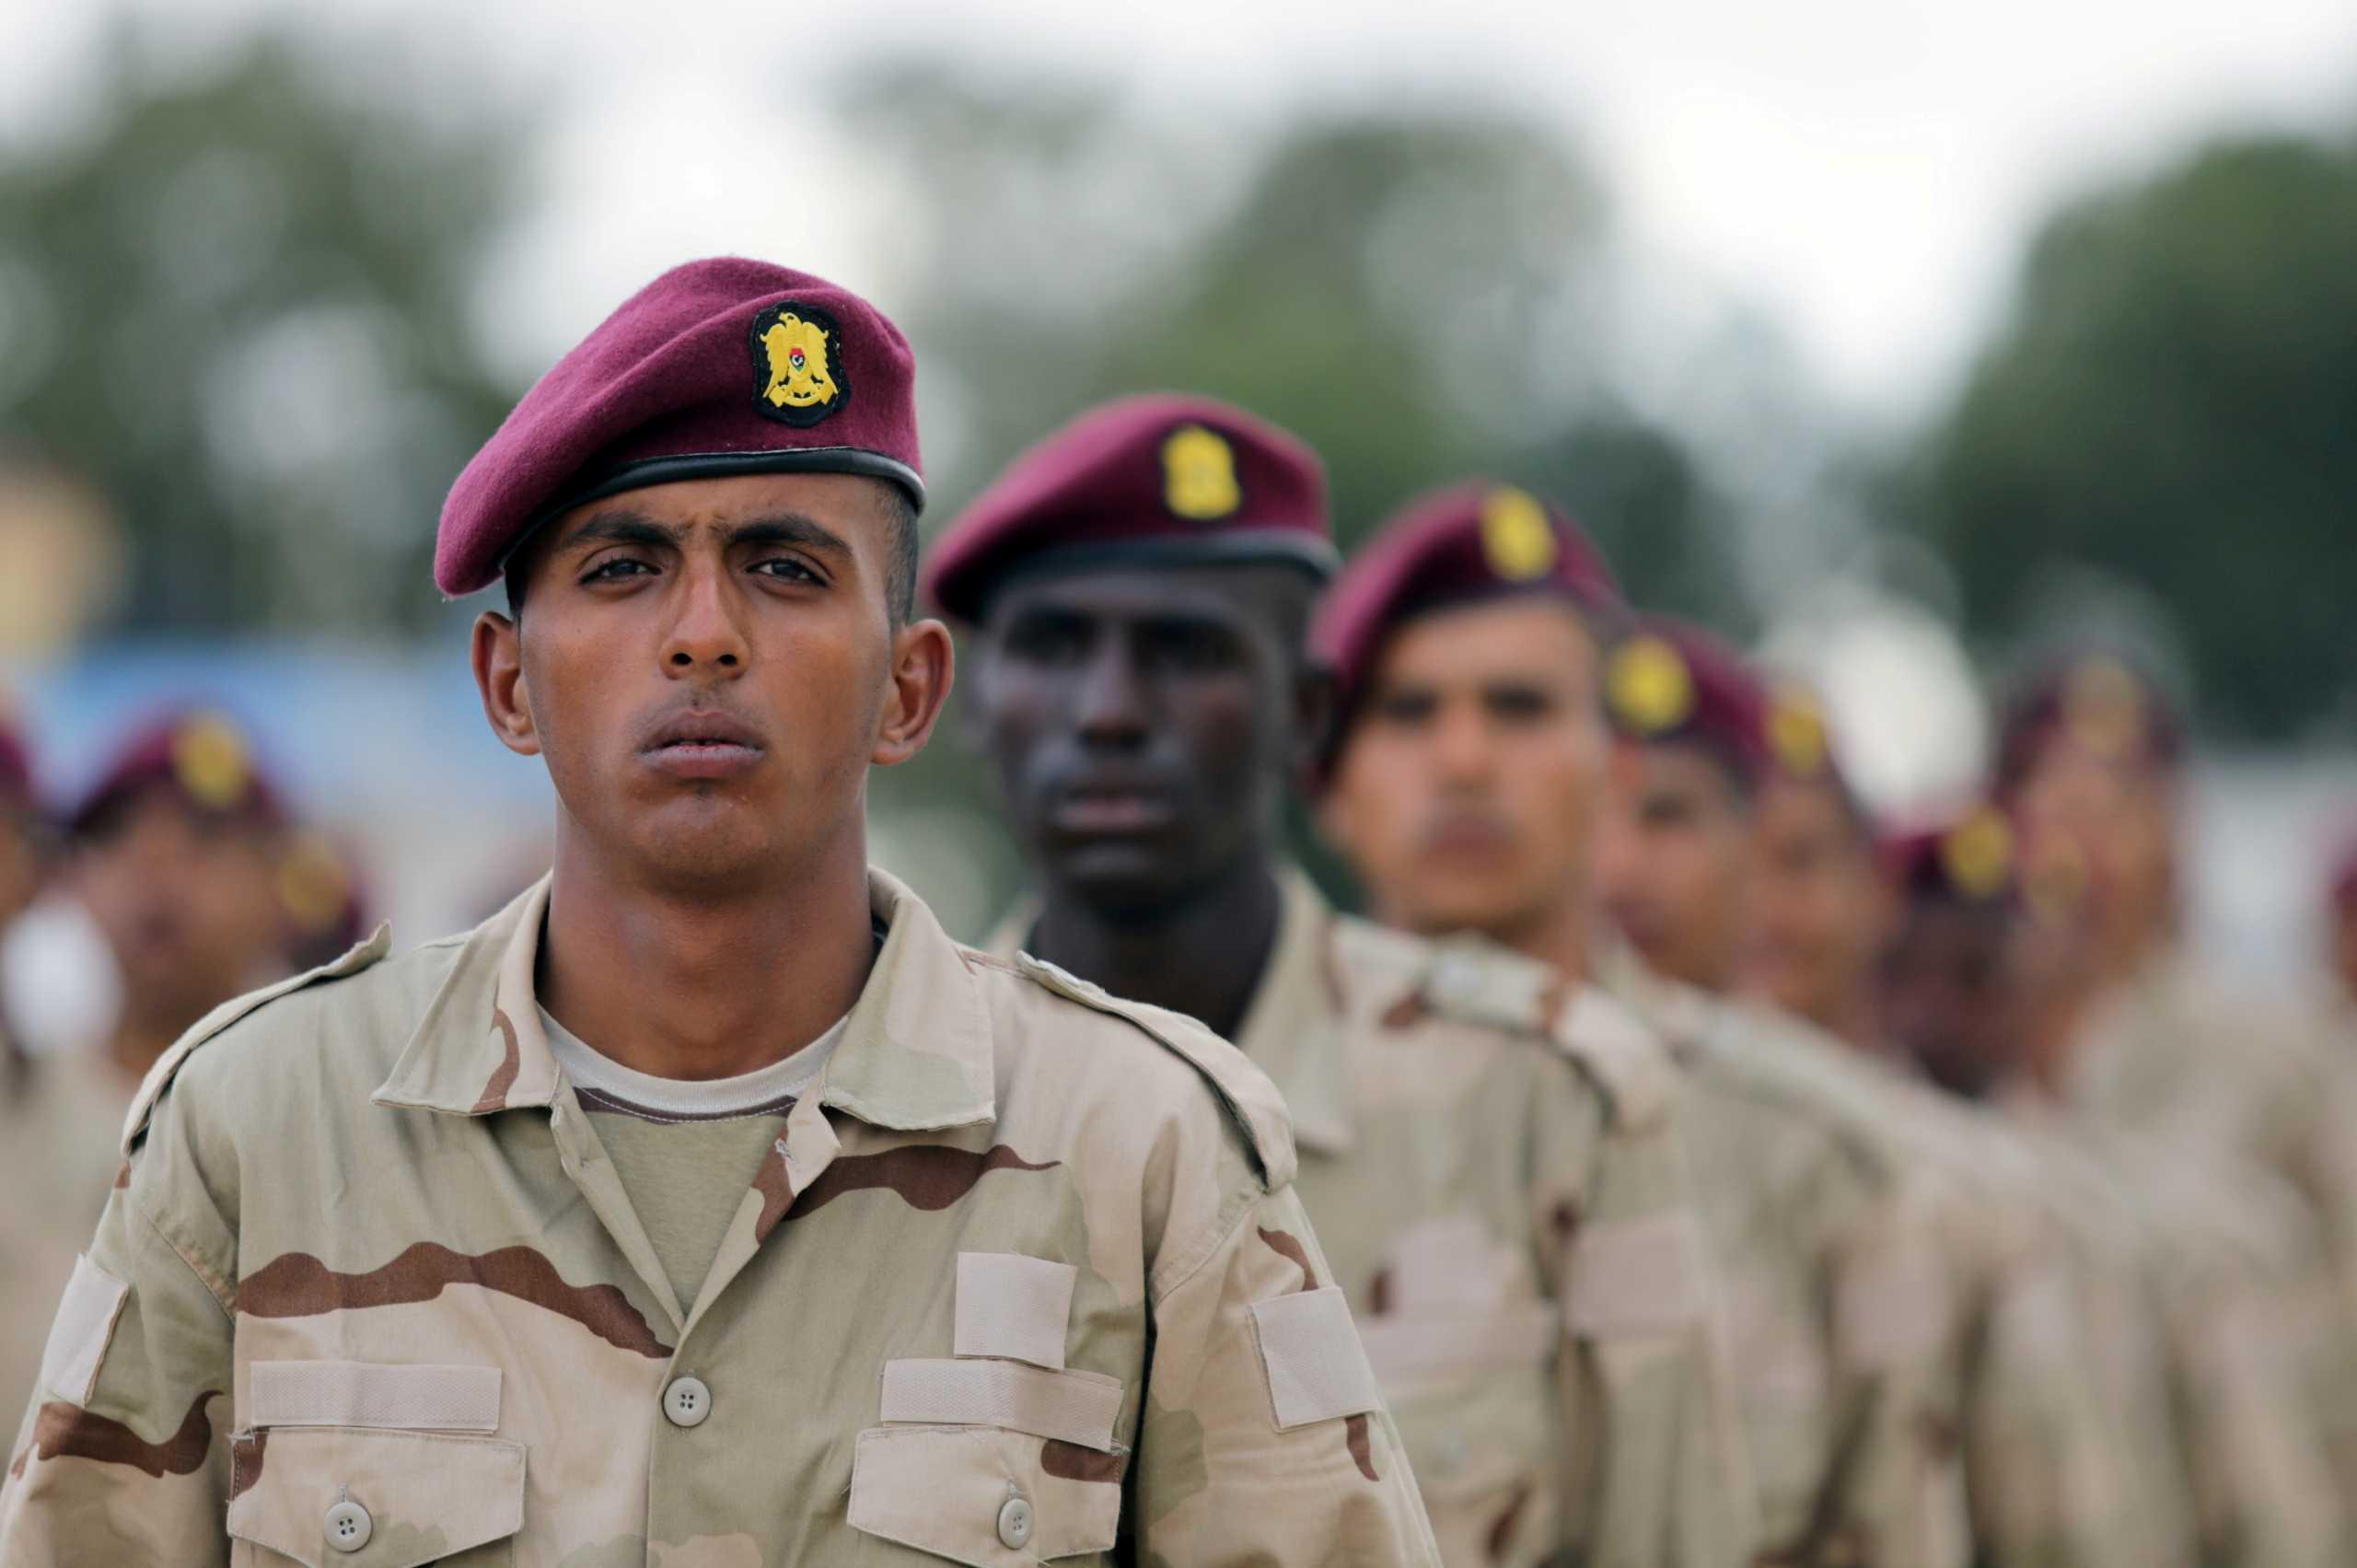 Λιβύη: Η Άγκυρα «ανοίγει τα χαρτιά της» για το ρόλο της στην επίλυση της κρίσης